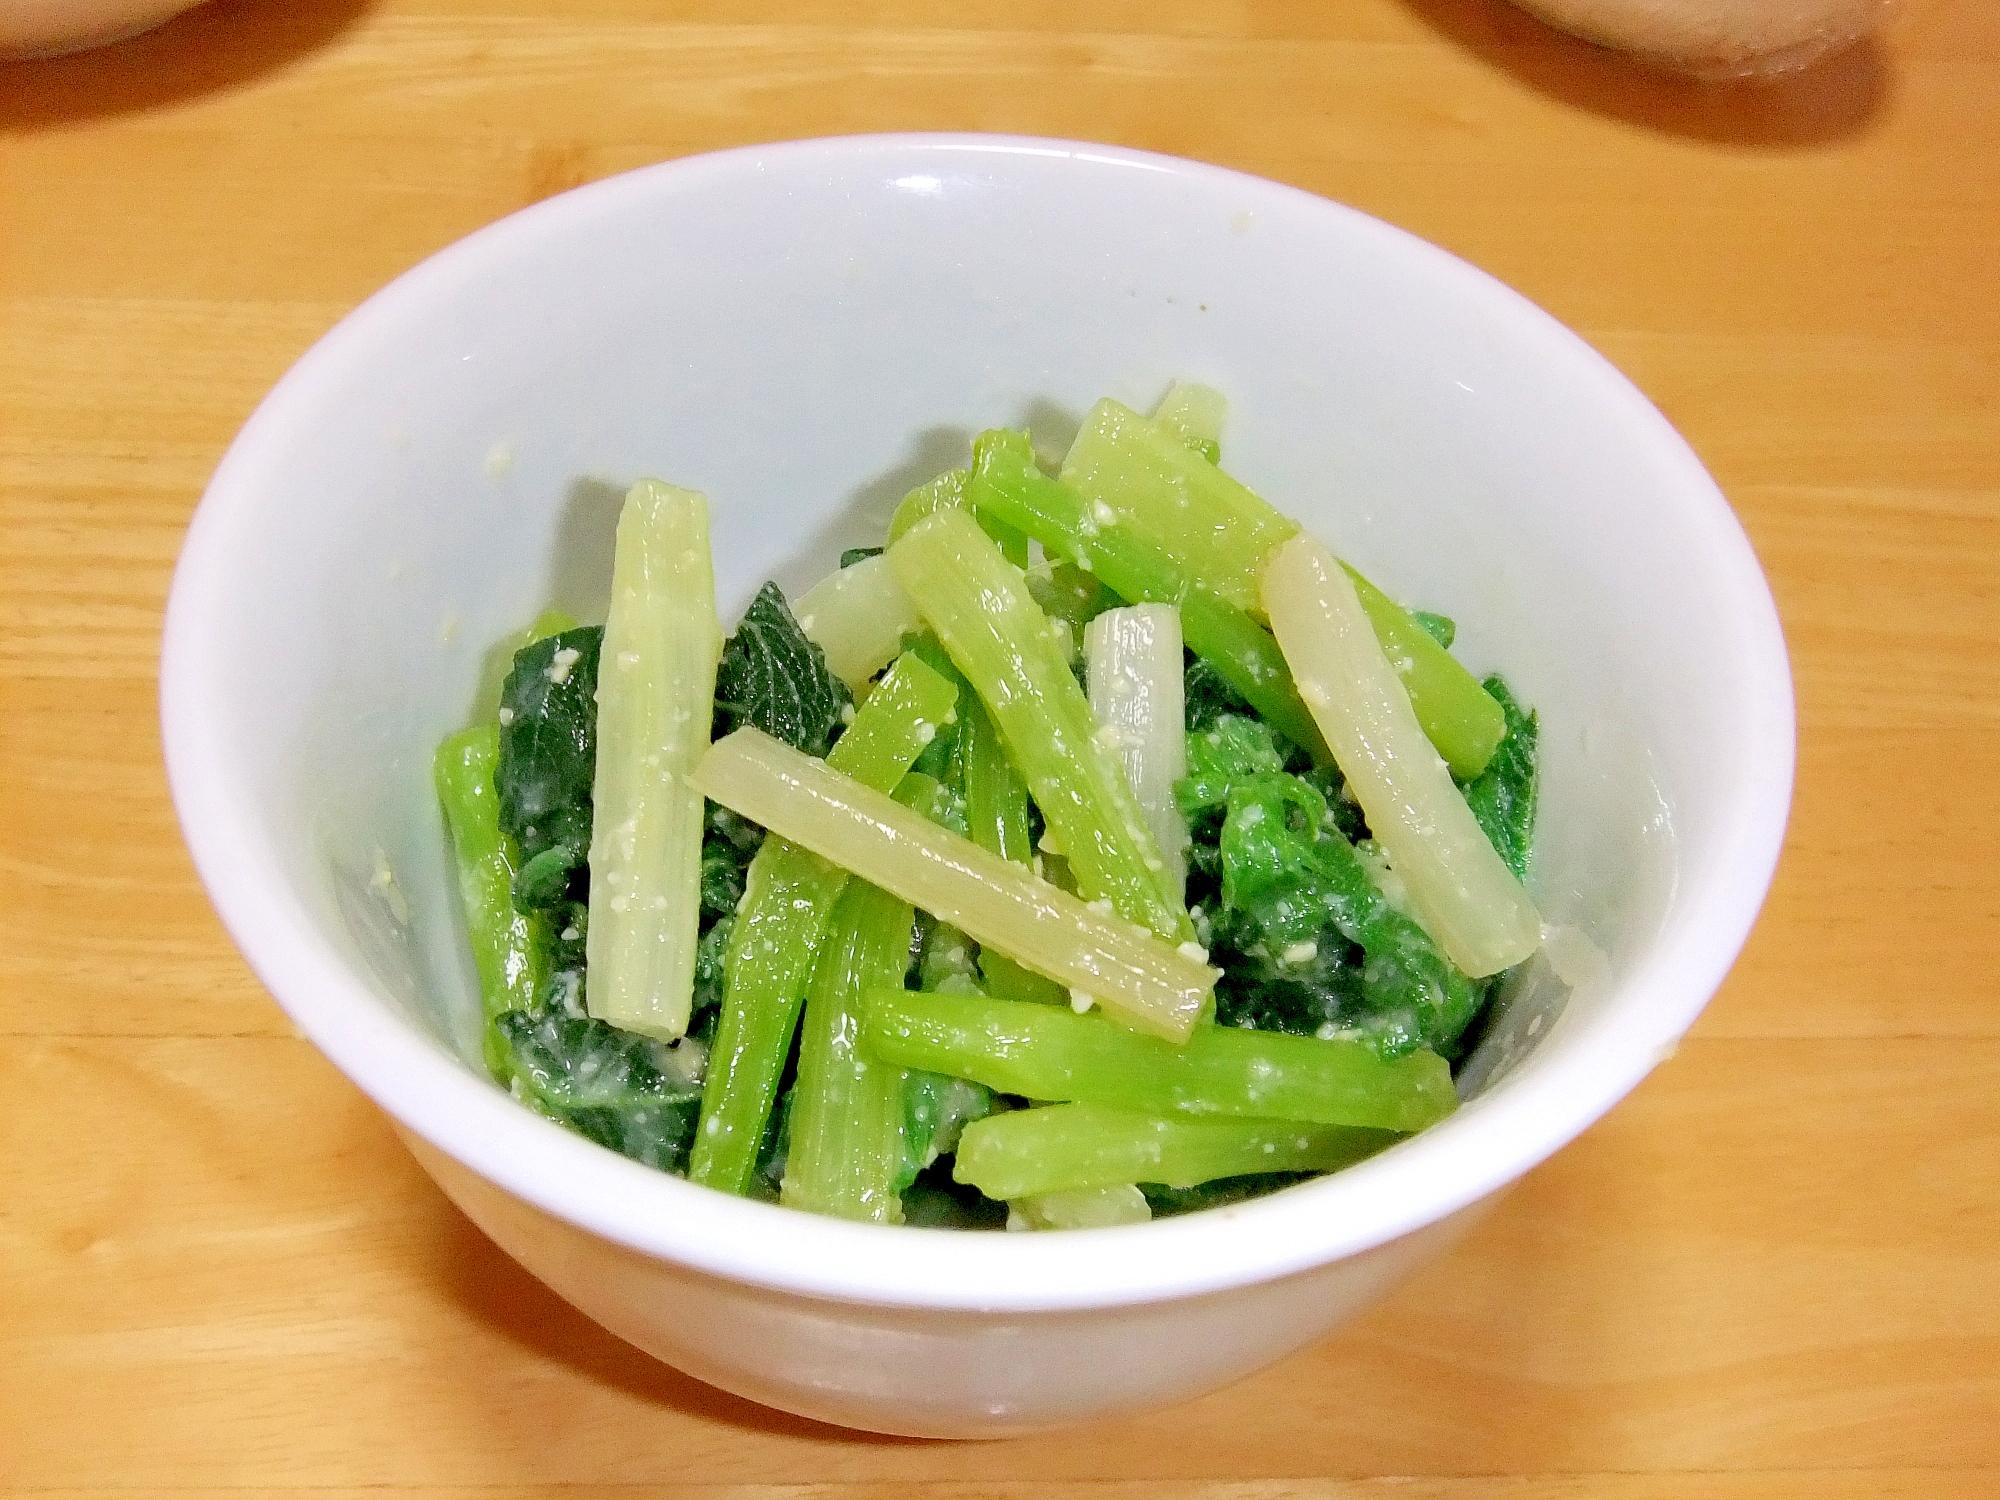 【廉価版ウド】  ウド・酢味噌和え 【春野菜】